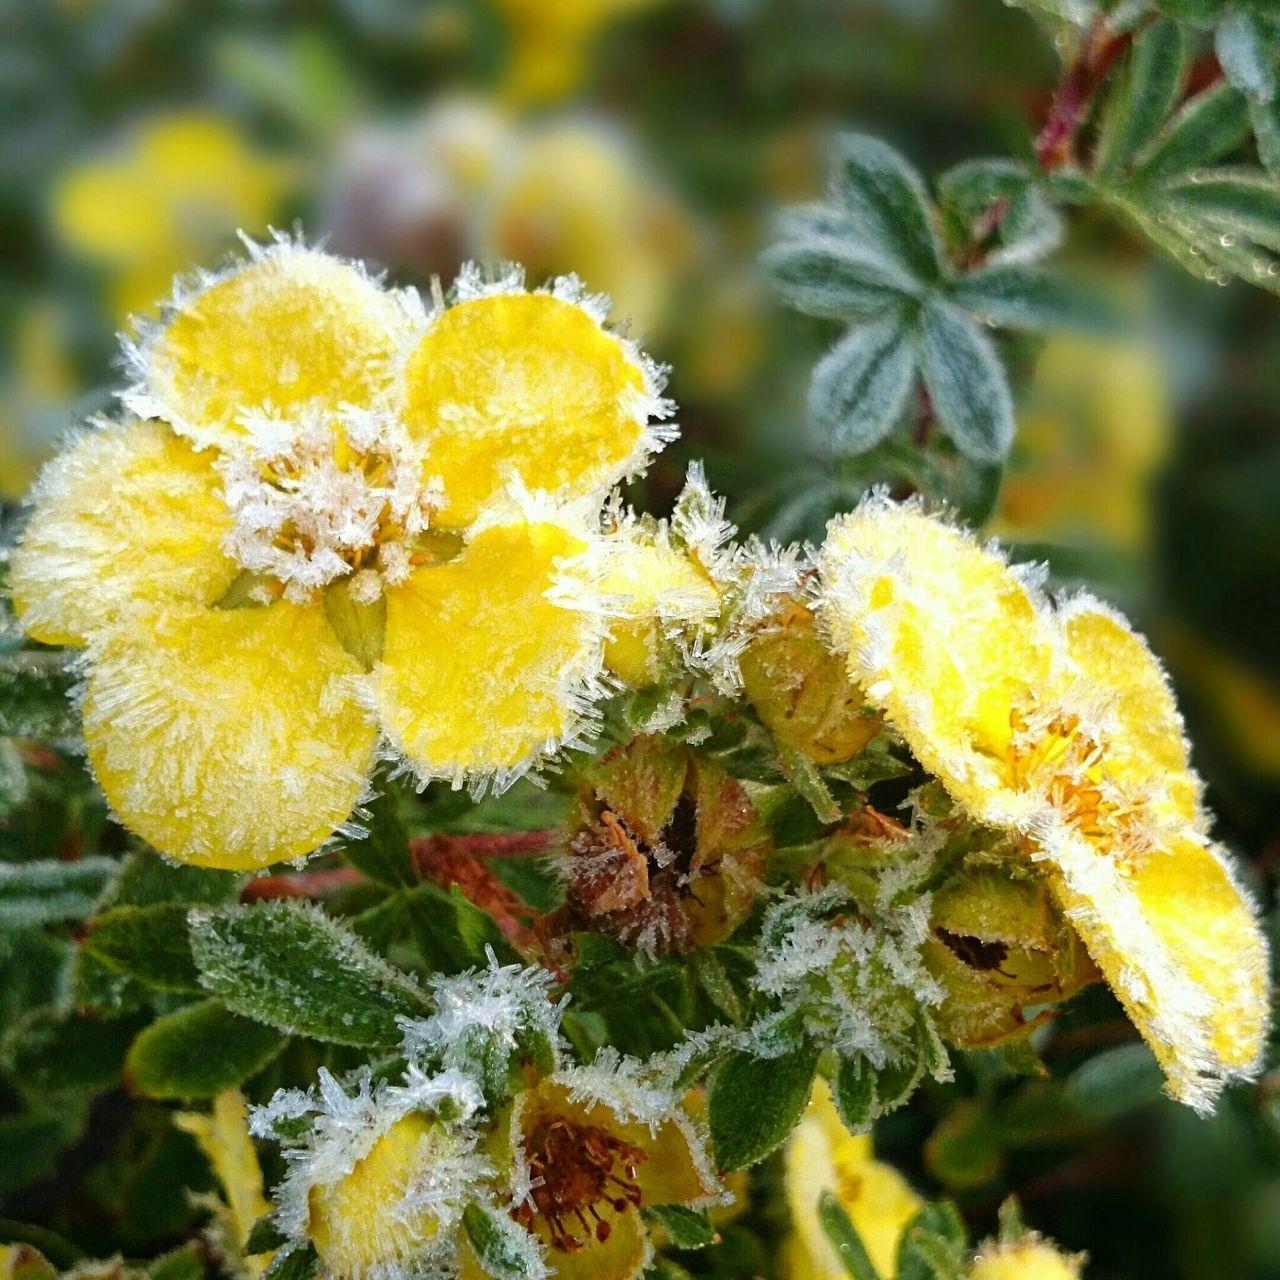 Frozen Yellow Flowers Blooming In Garden